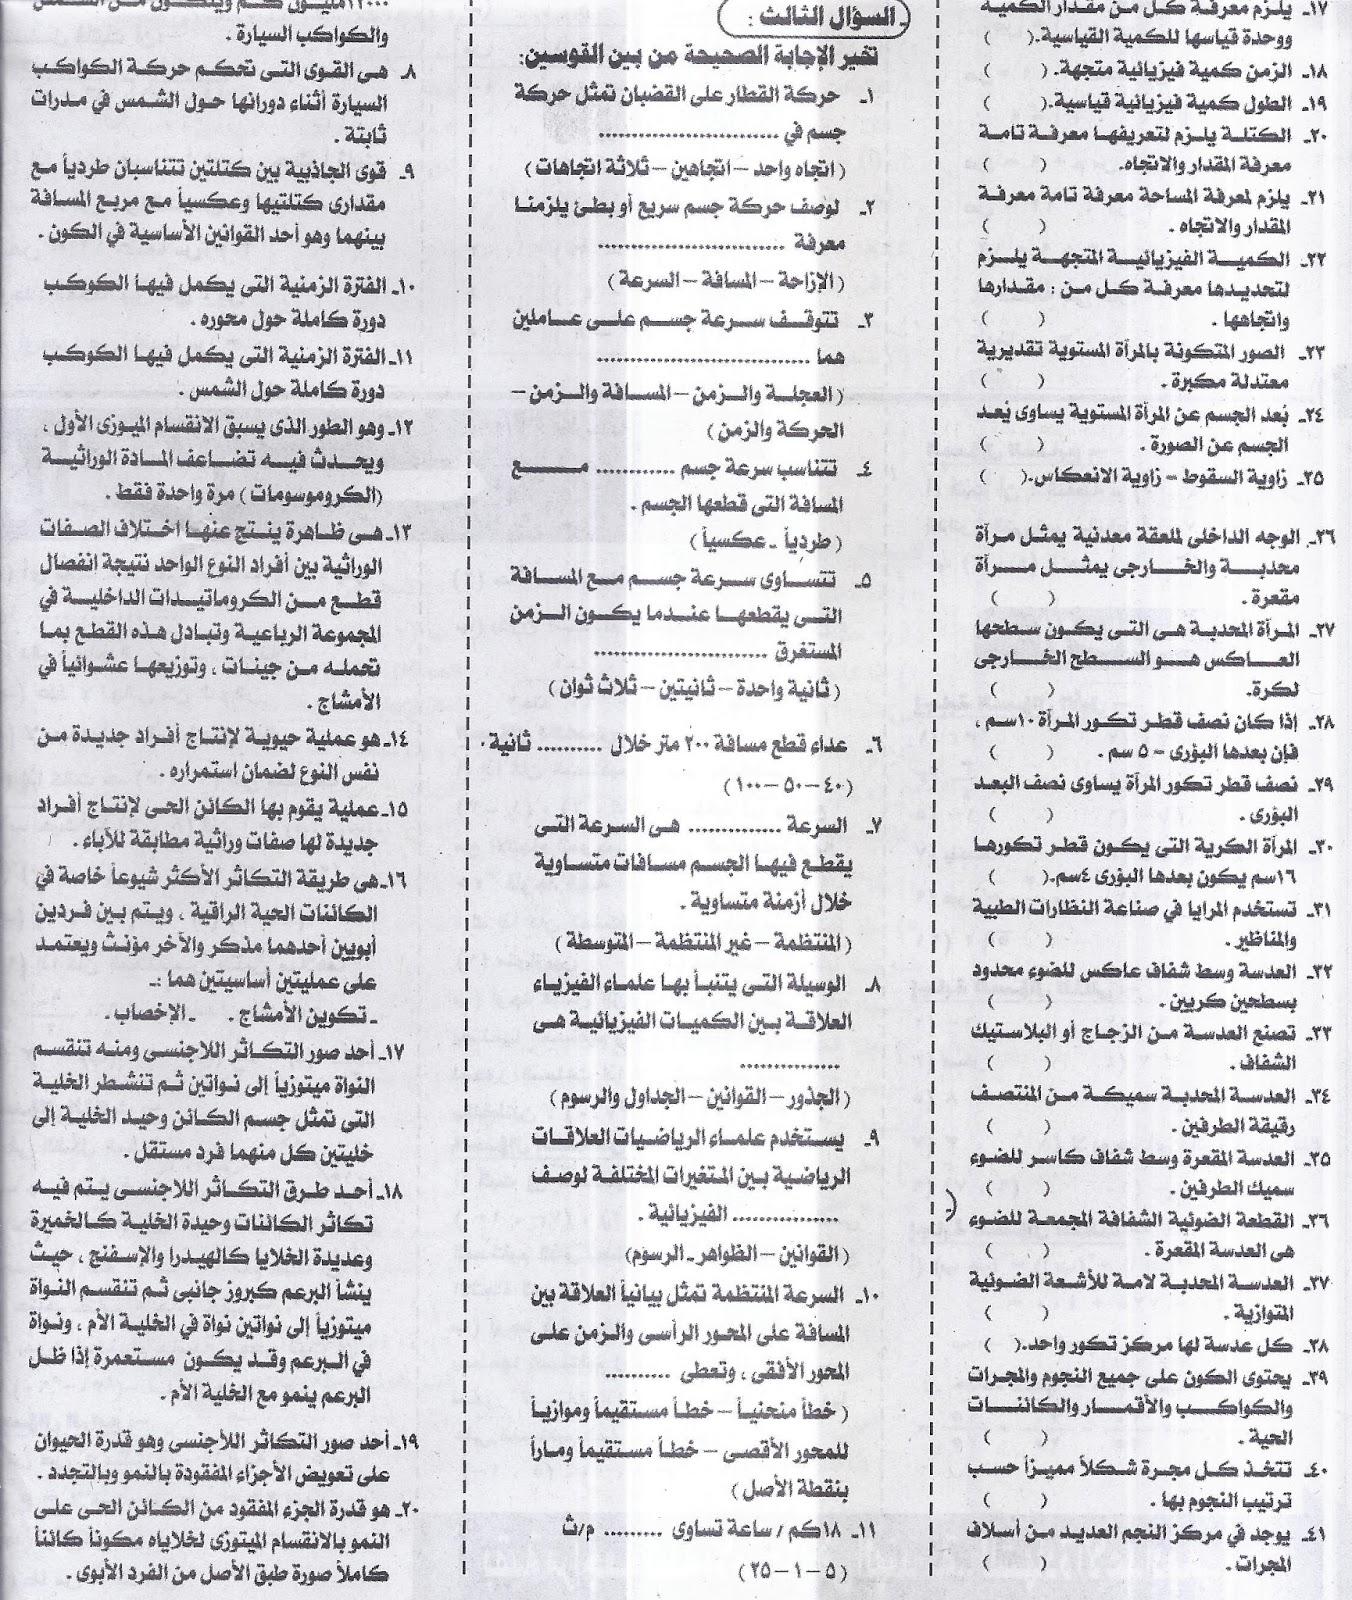 علوم :مراجعة ملحق الجمهورية 25 يناير في مادة العلوم للشهادة الاعدادية نصف العام 2016 Scan0027